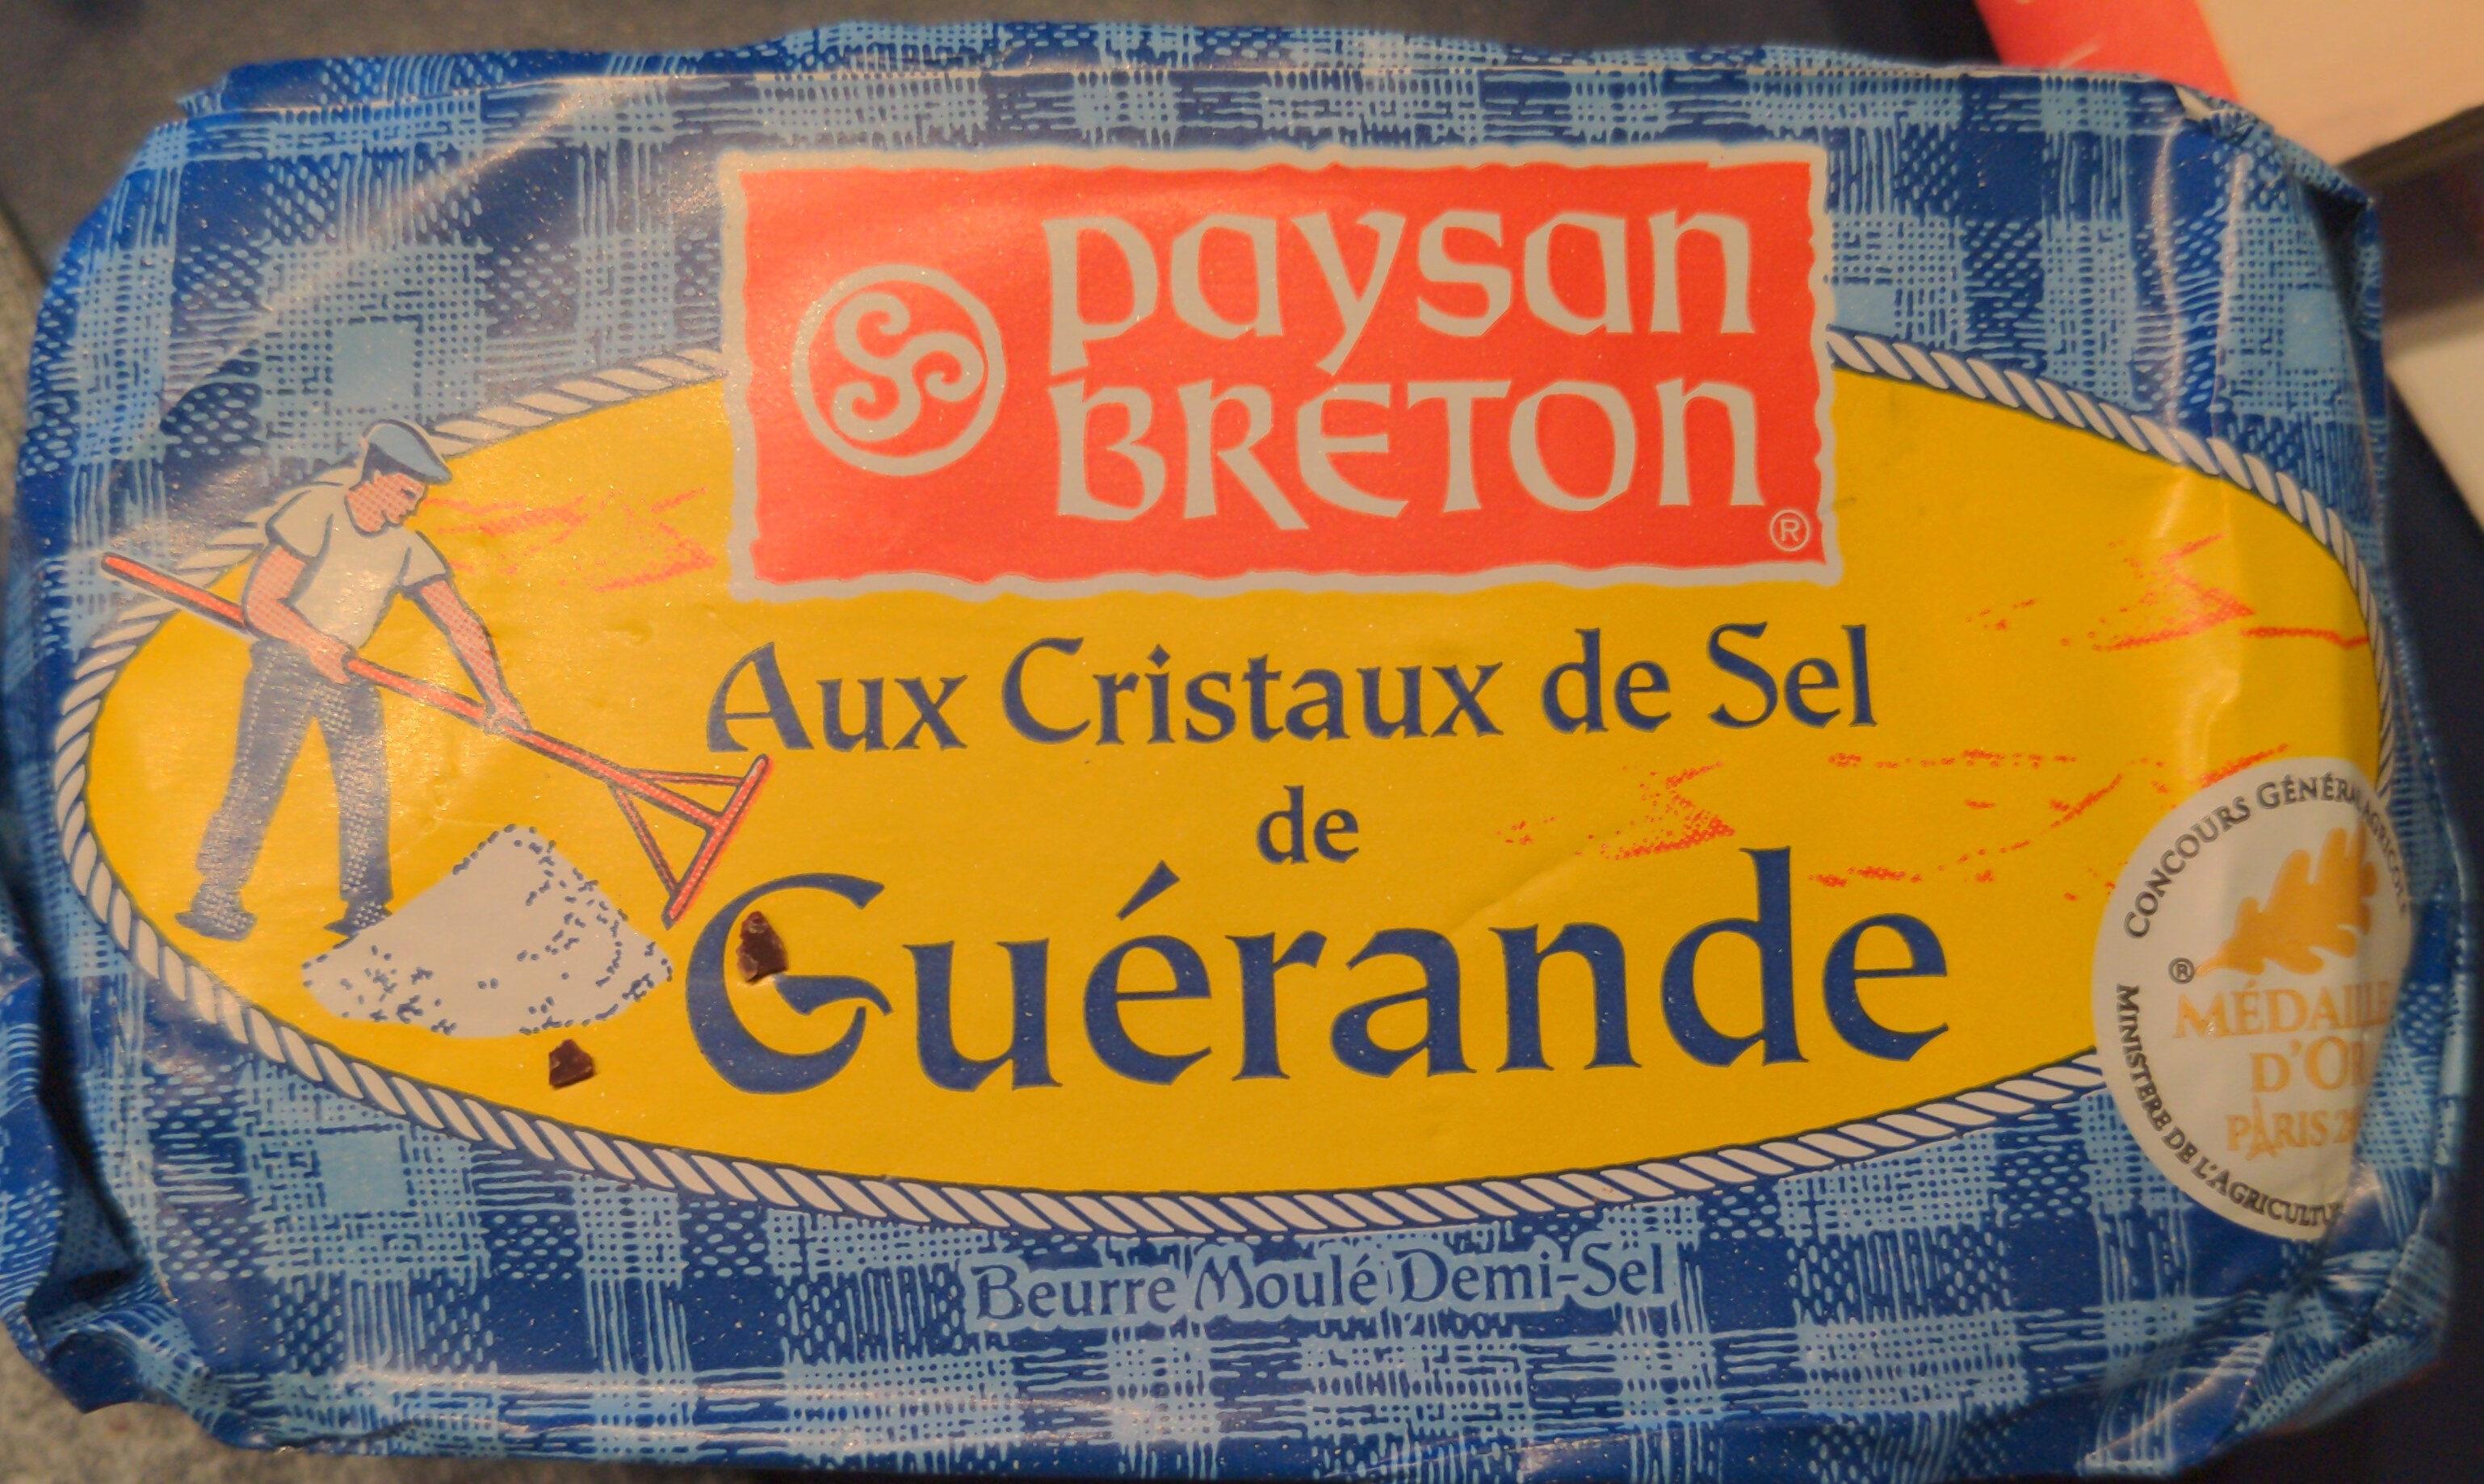 Beurre Aux Cristaux de Sel de Guérande - Produit - fr